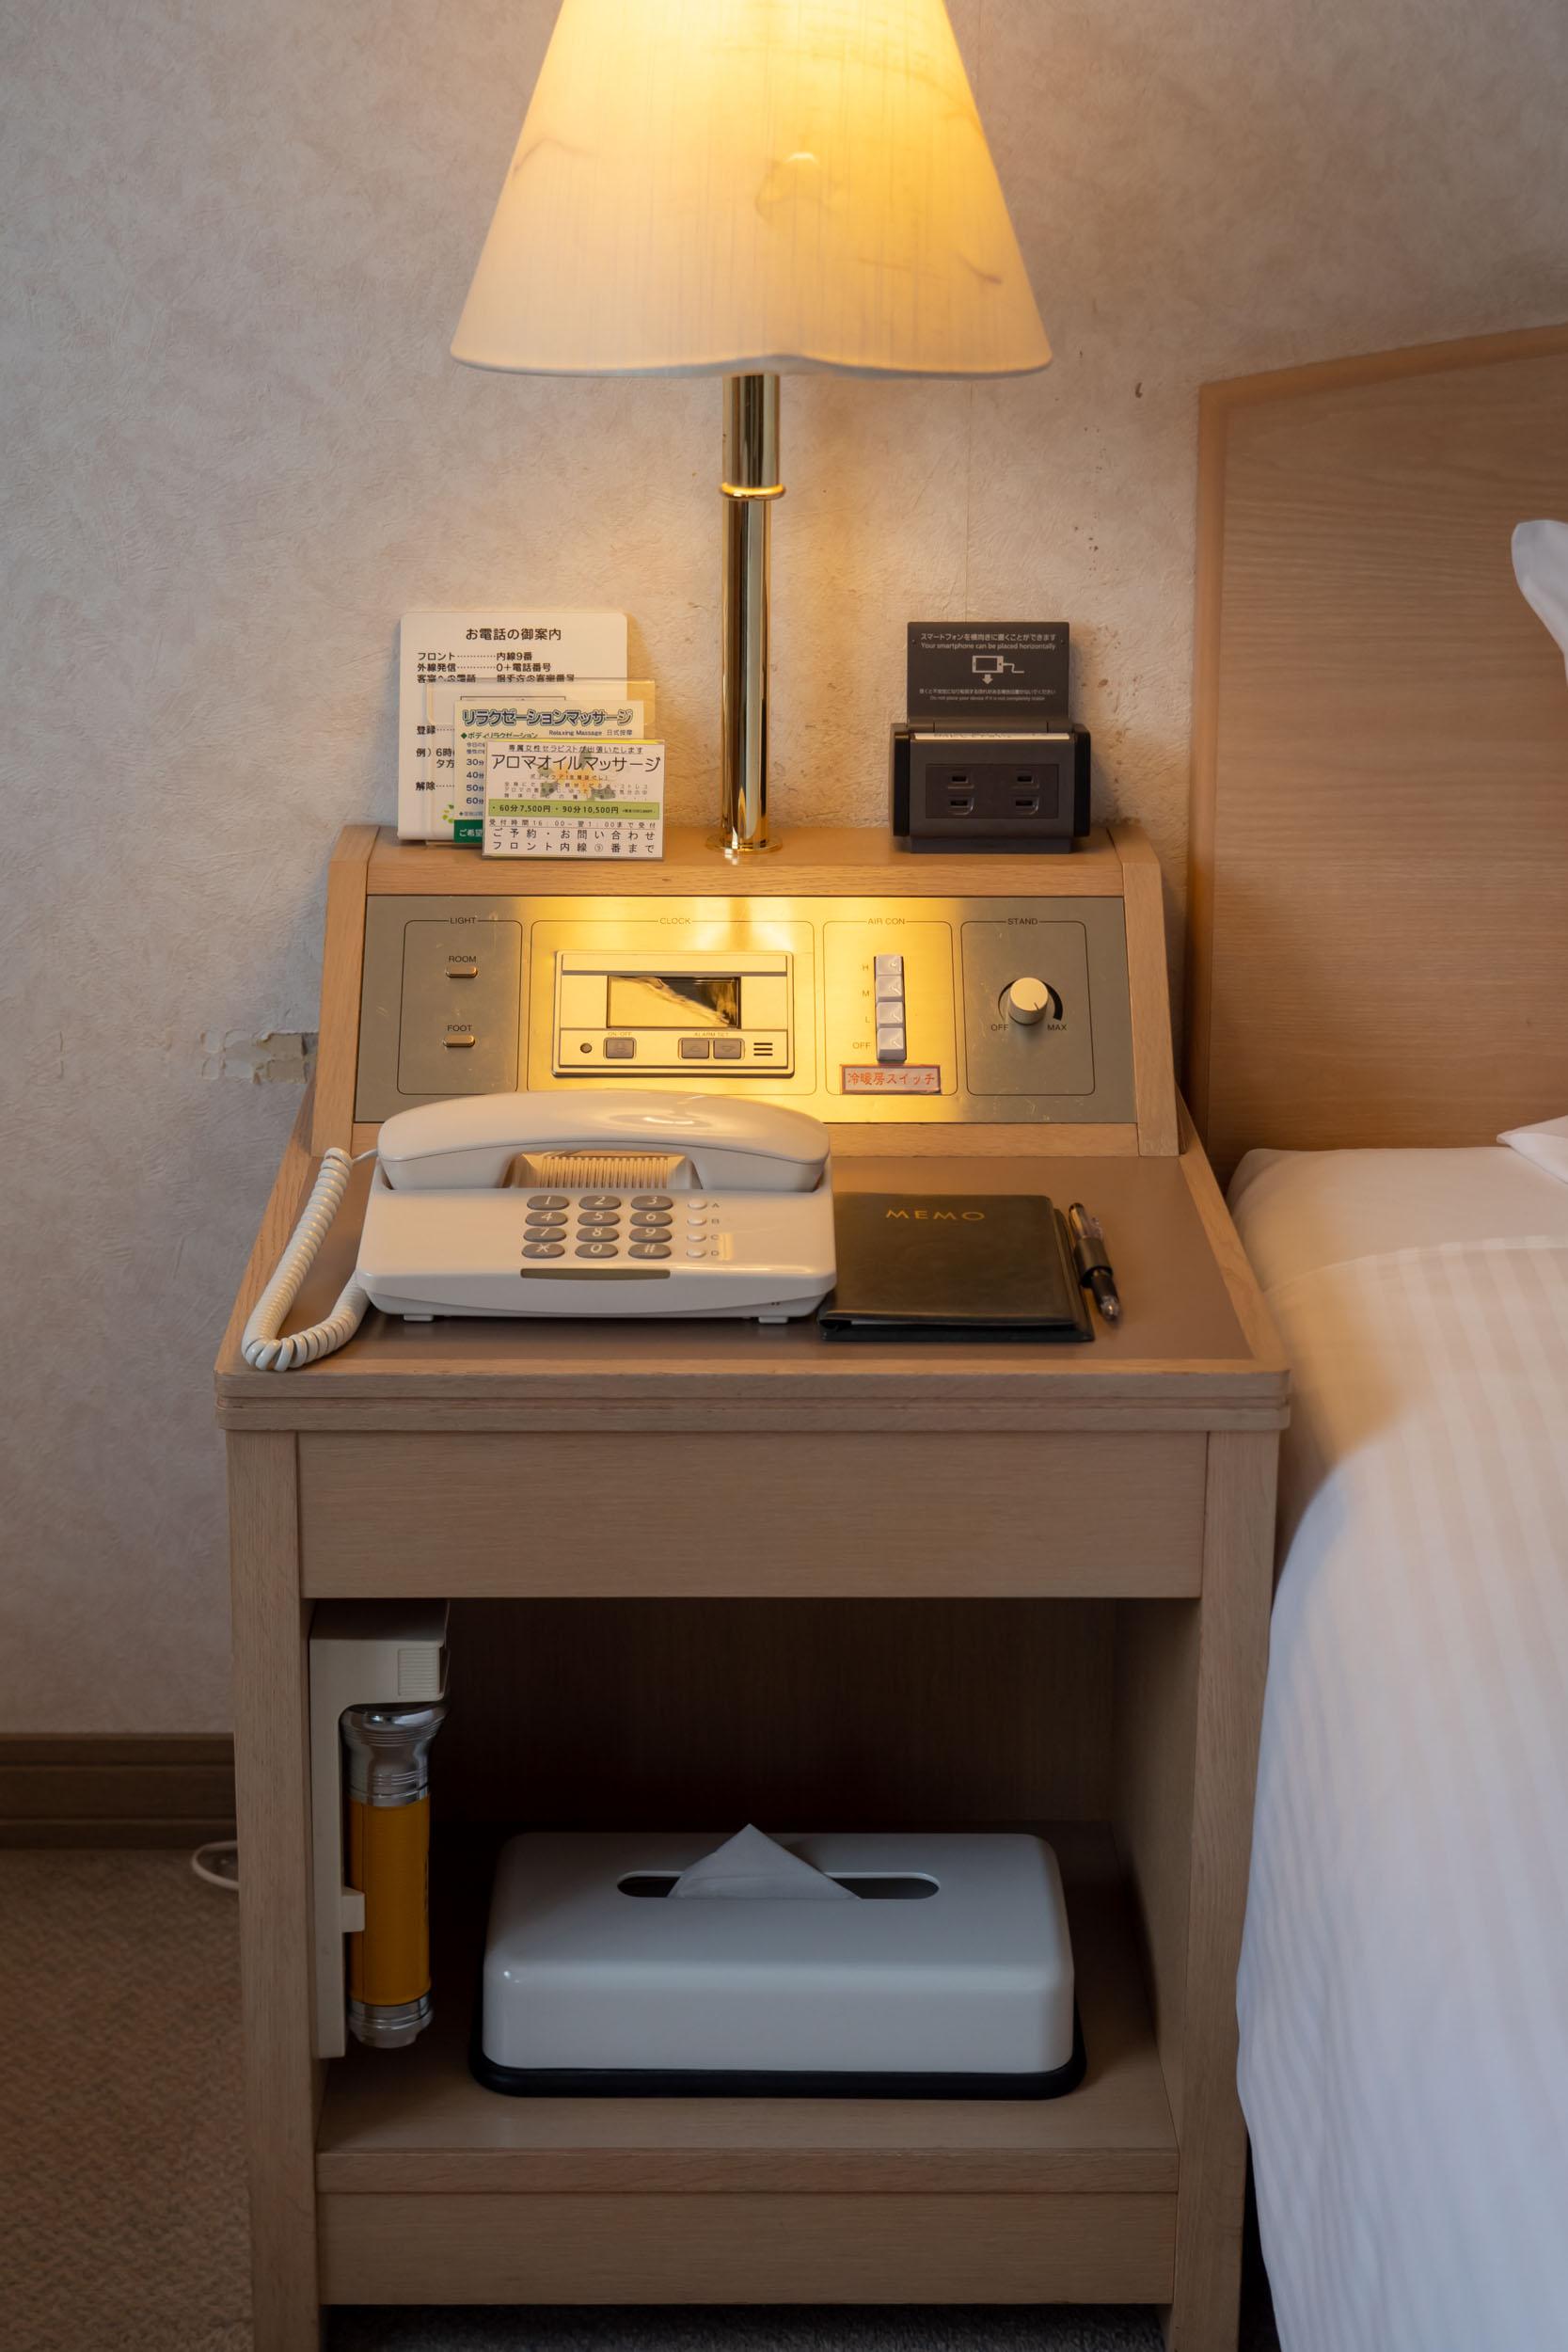 札幌第一ホテルのベッドサイドデスク DMC-GX8 + LEICA DG 12-60mm